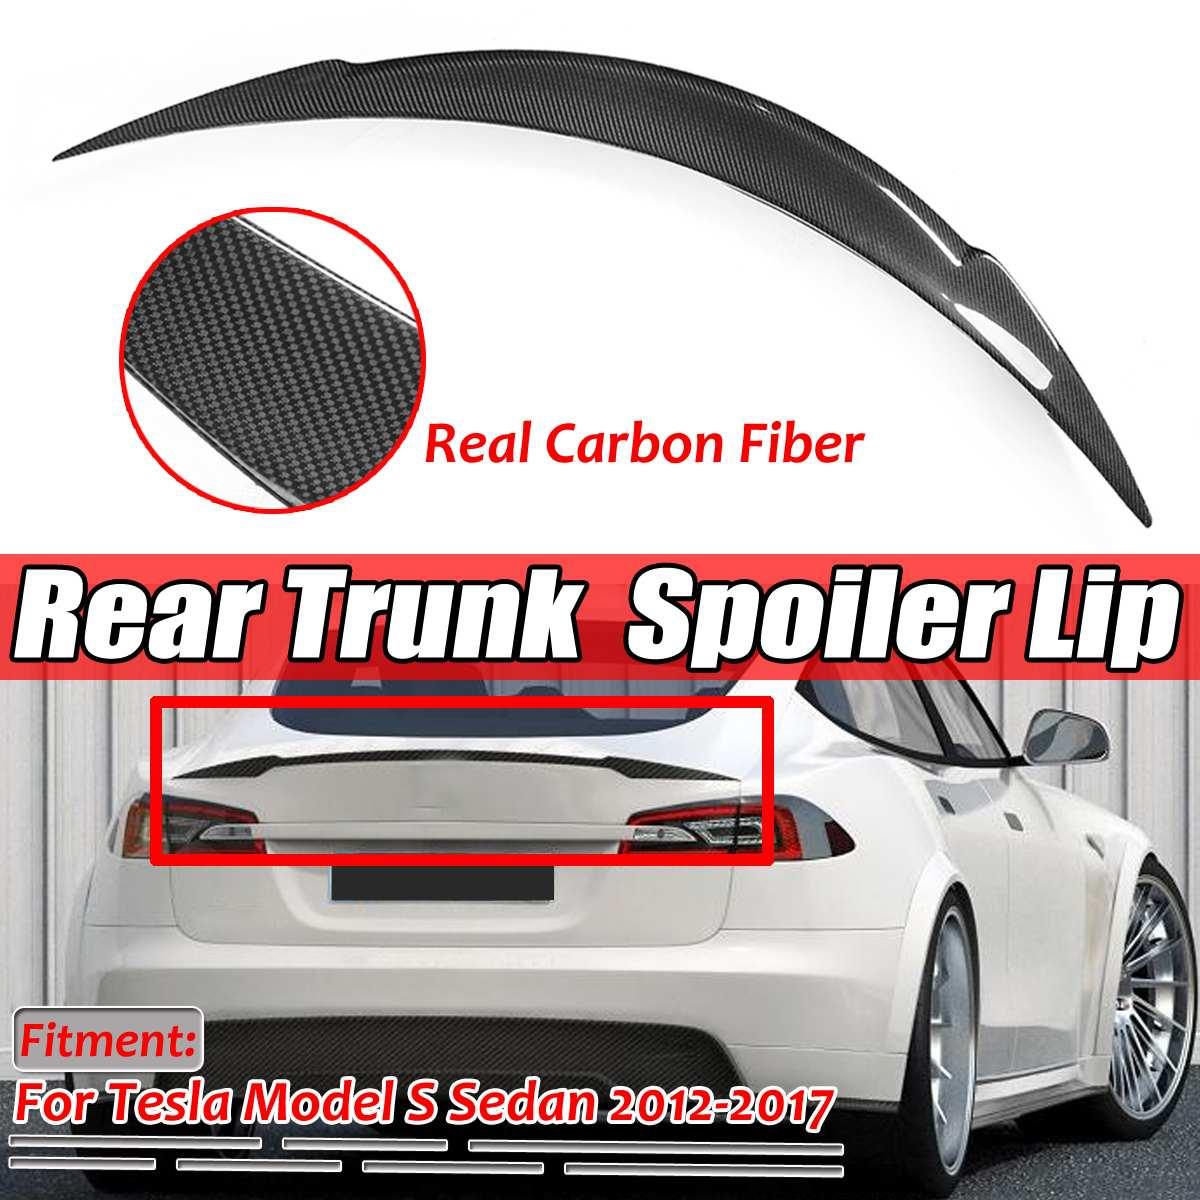 Yeni gerçek karbon Fiber araba arka gövde Boot dudak Spoiler kanat dudak büyük Tesla Model S için Sedan 2012- 2019 kanat Spoiler